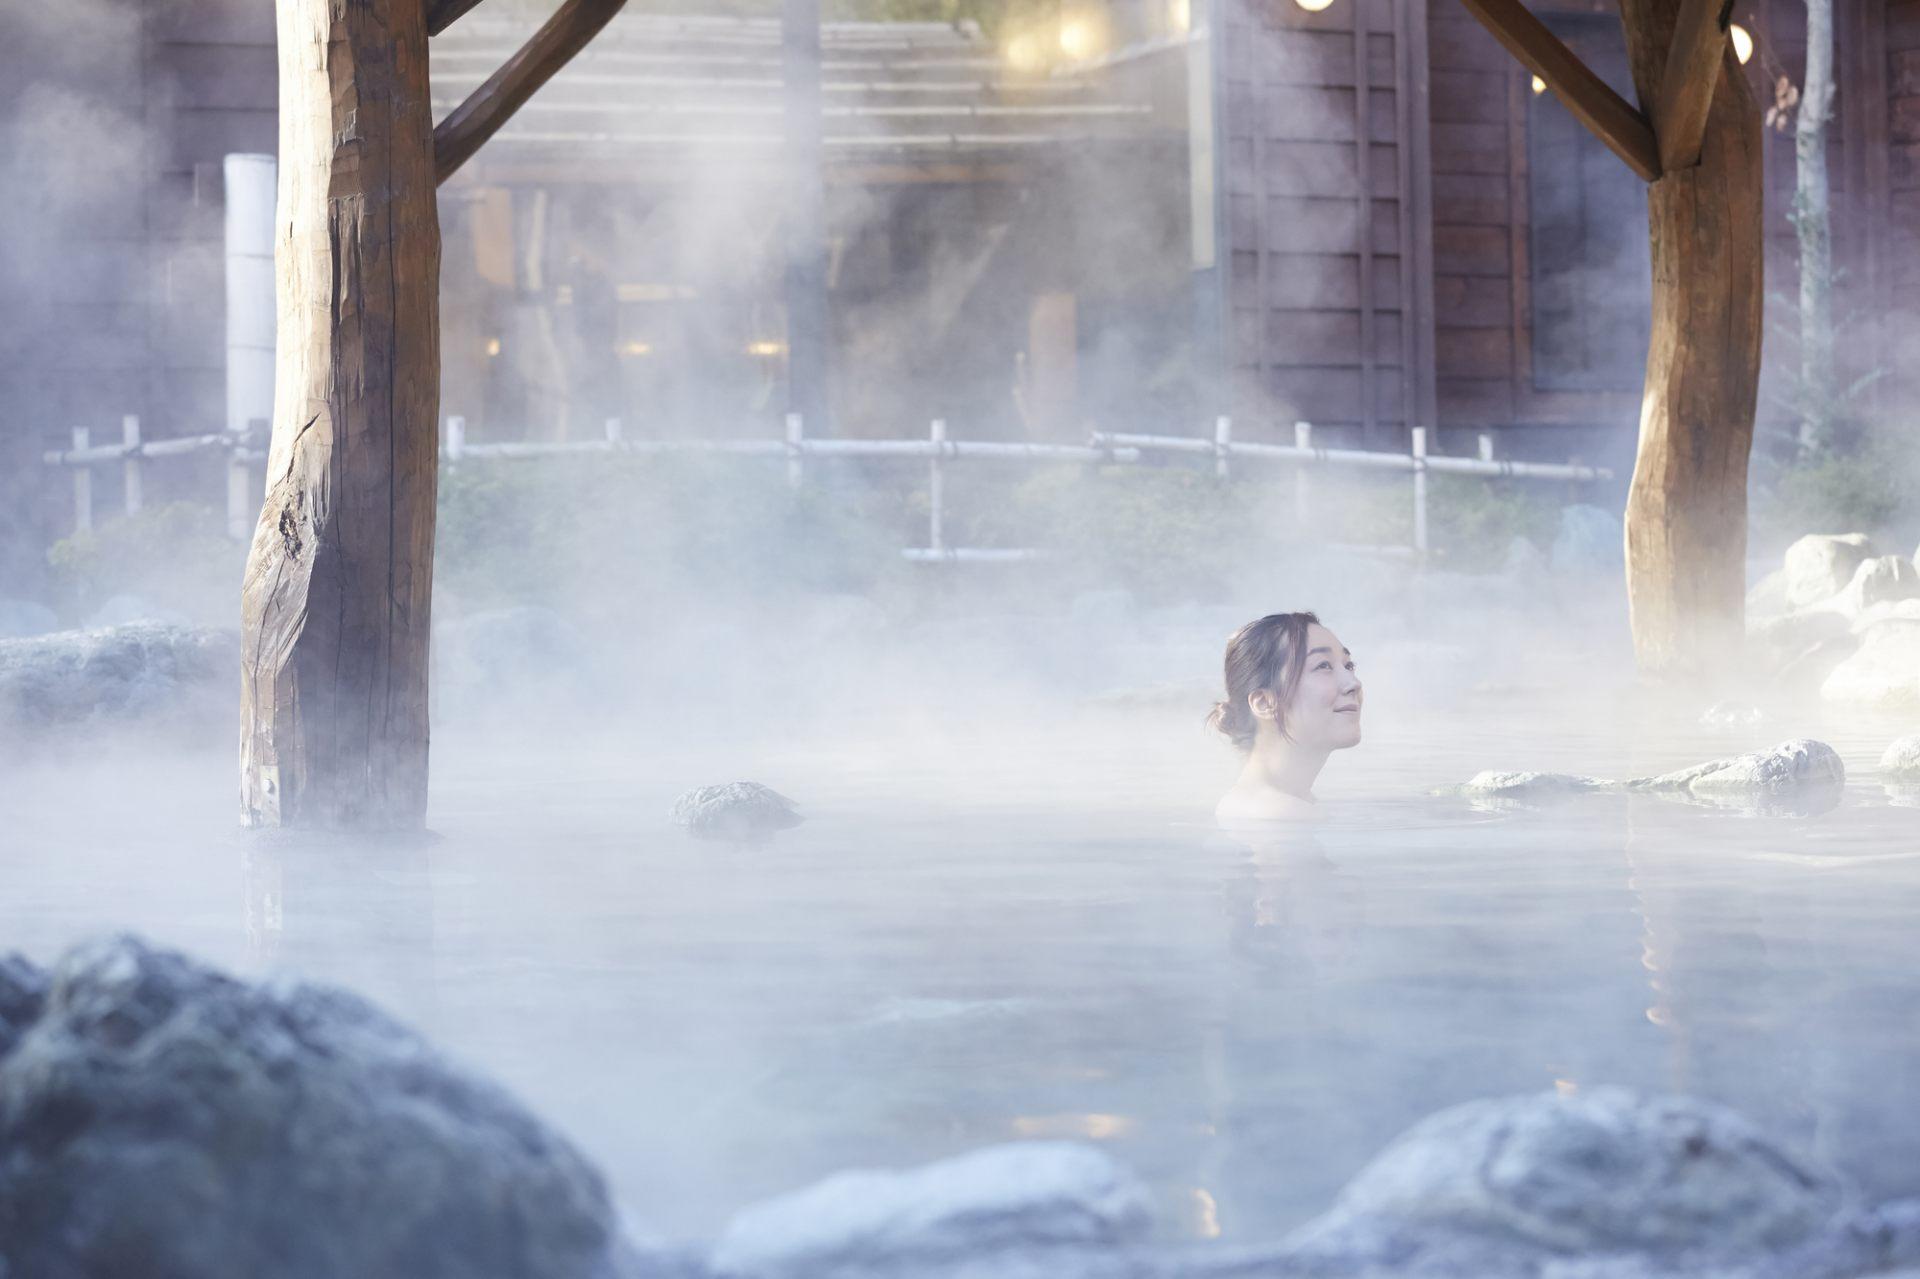 靈活運用這張通票,來趟日本各地的溫泉巡禮如何呢?